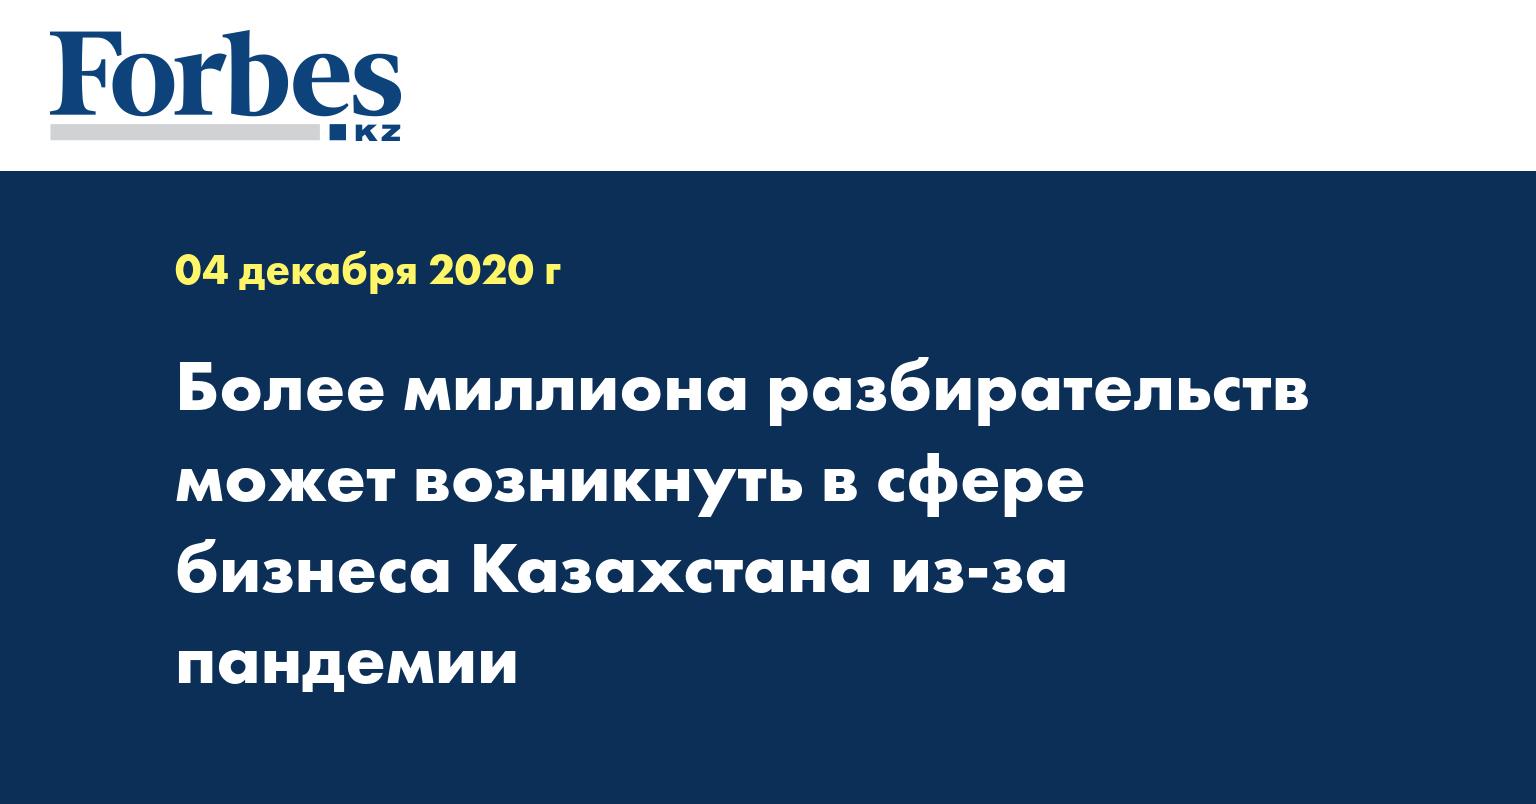 Более миллиона  разбирательств может возникнуть в сфере бизнеса Казахстана из-за пандемии